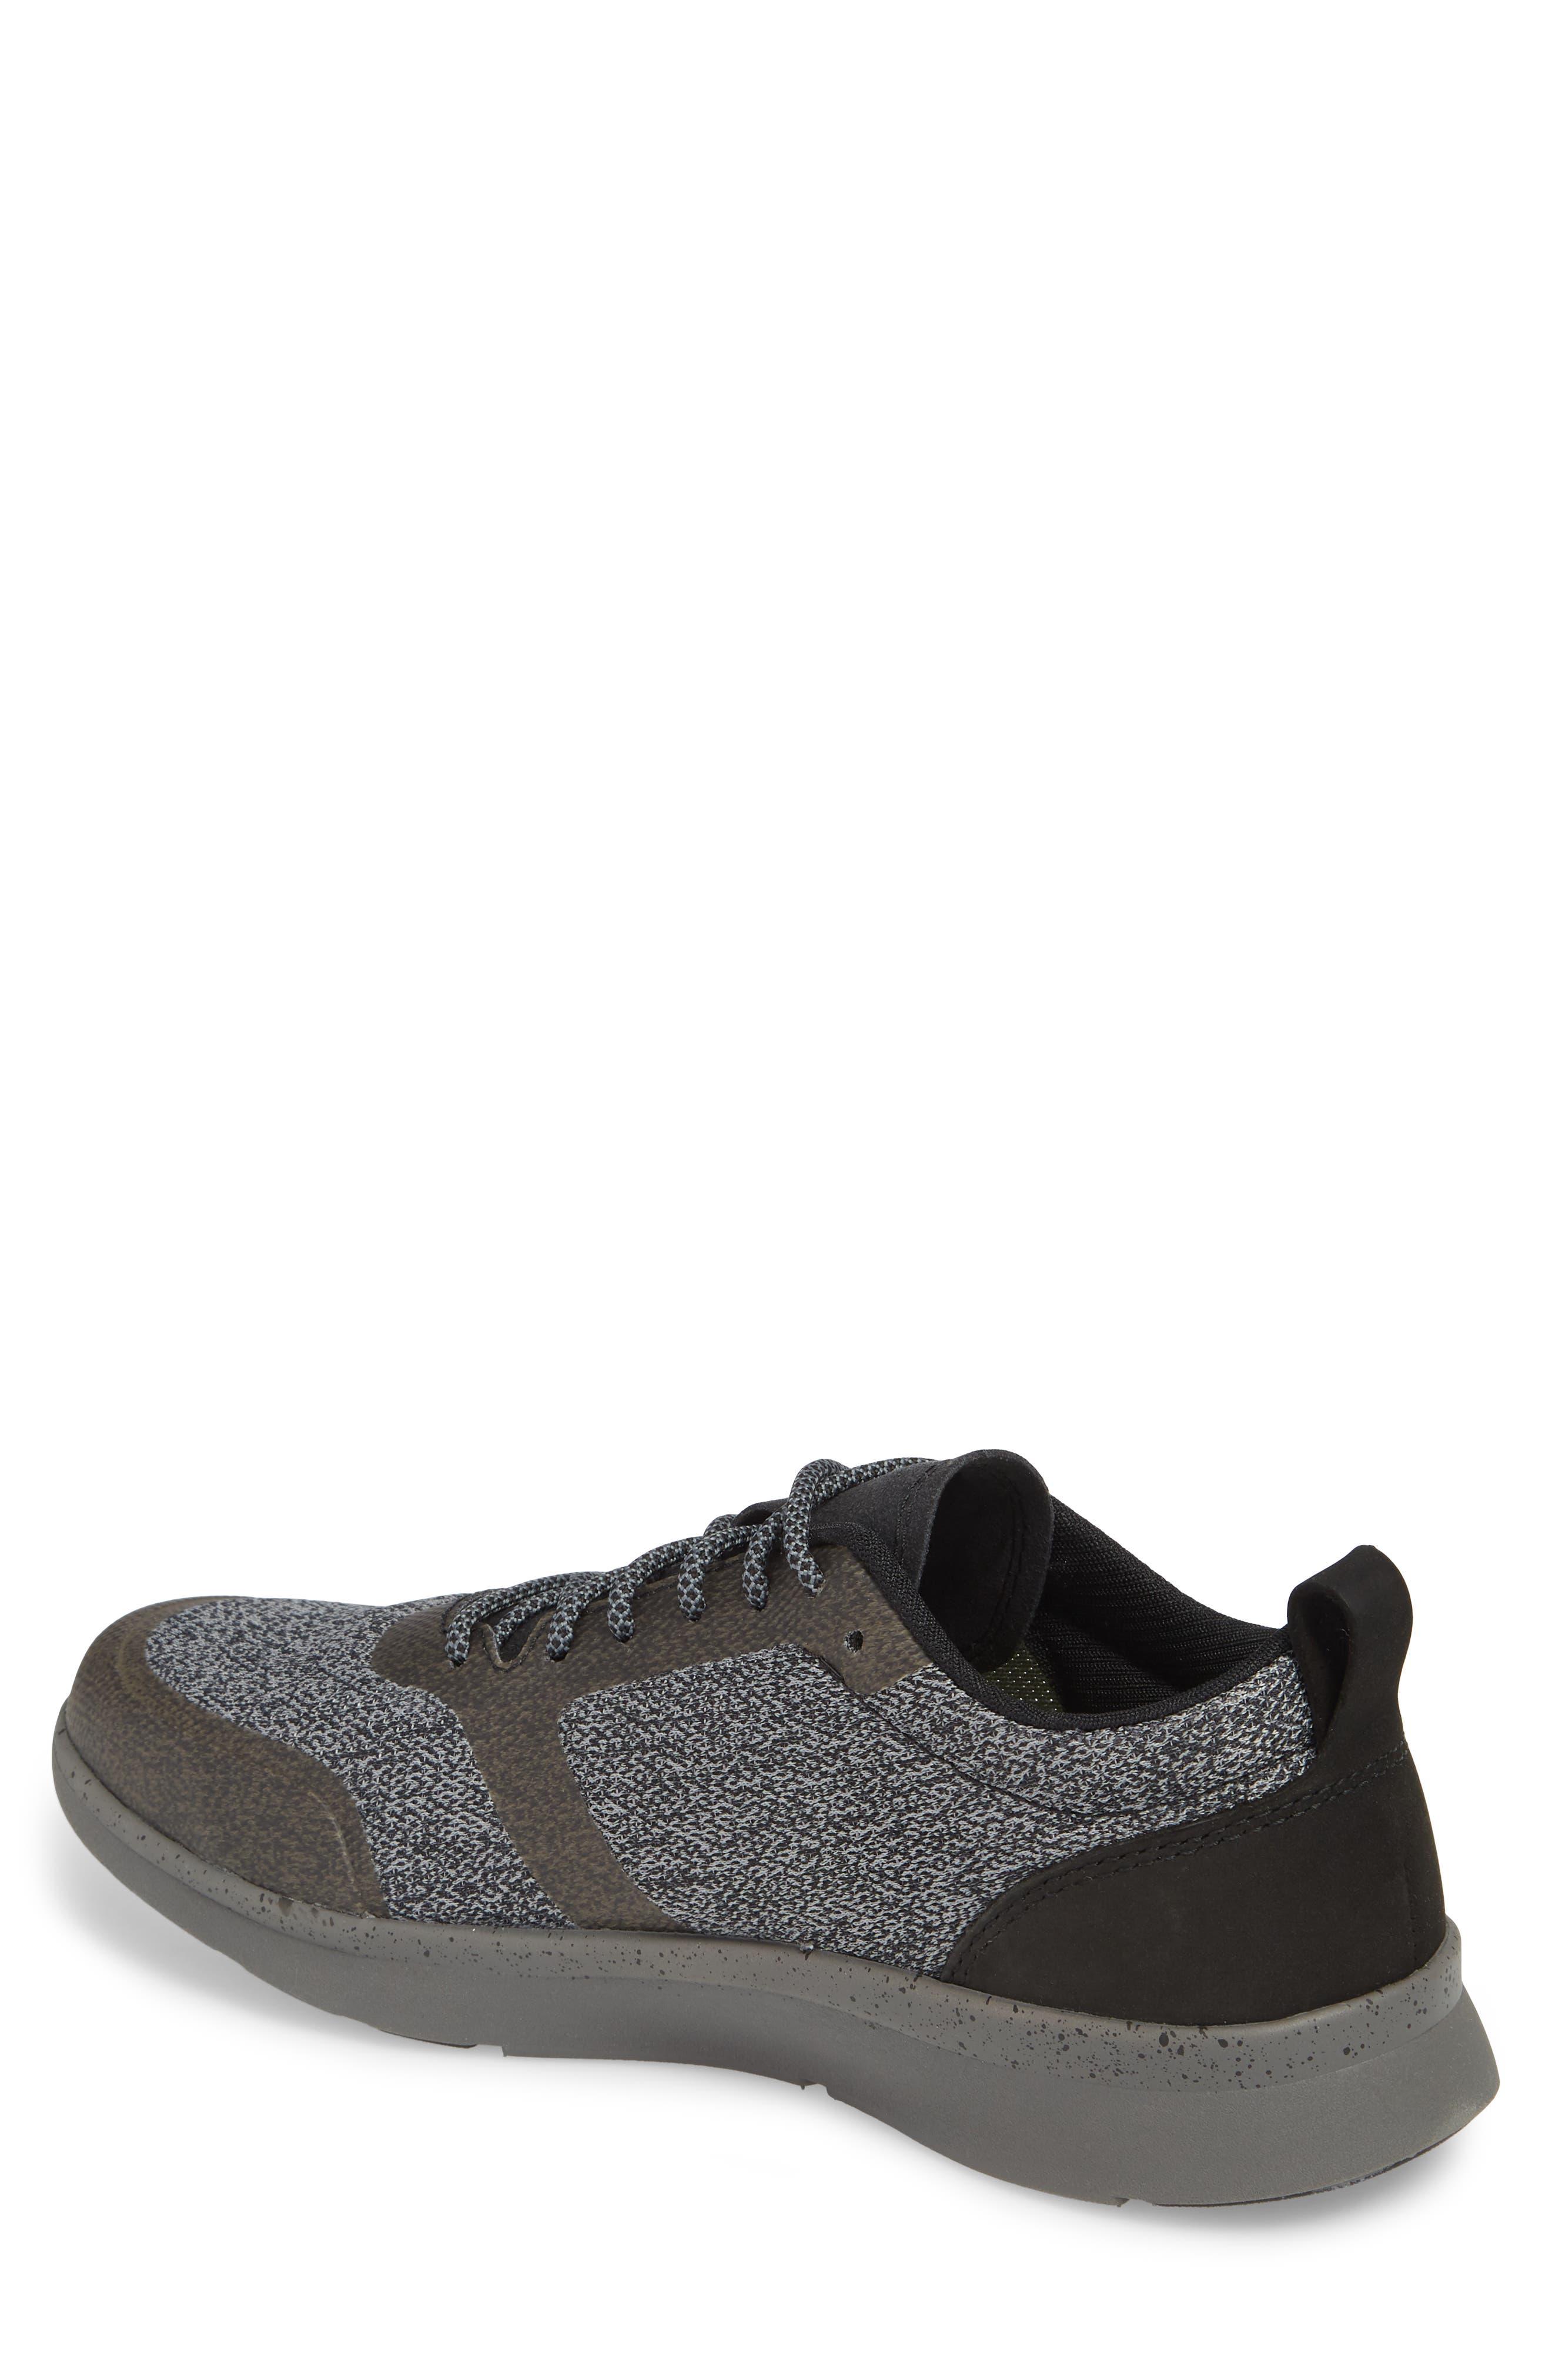 Worldwide Stuart MX Sneaker,                             Alternate thumbnail 2, color,                             BLACK